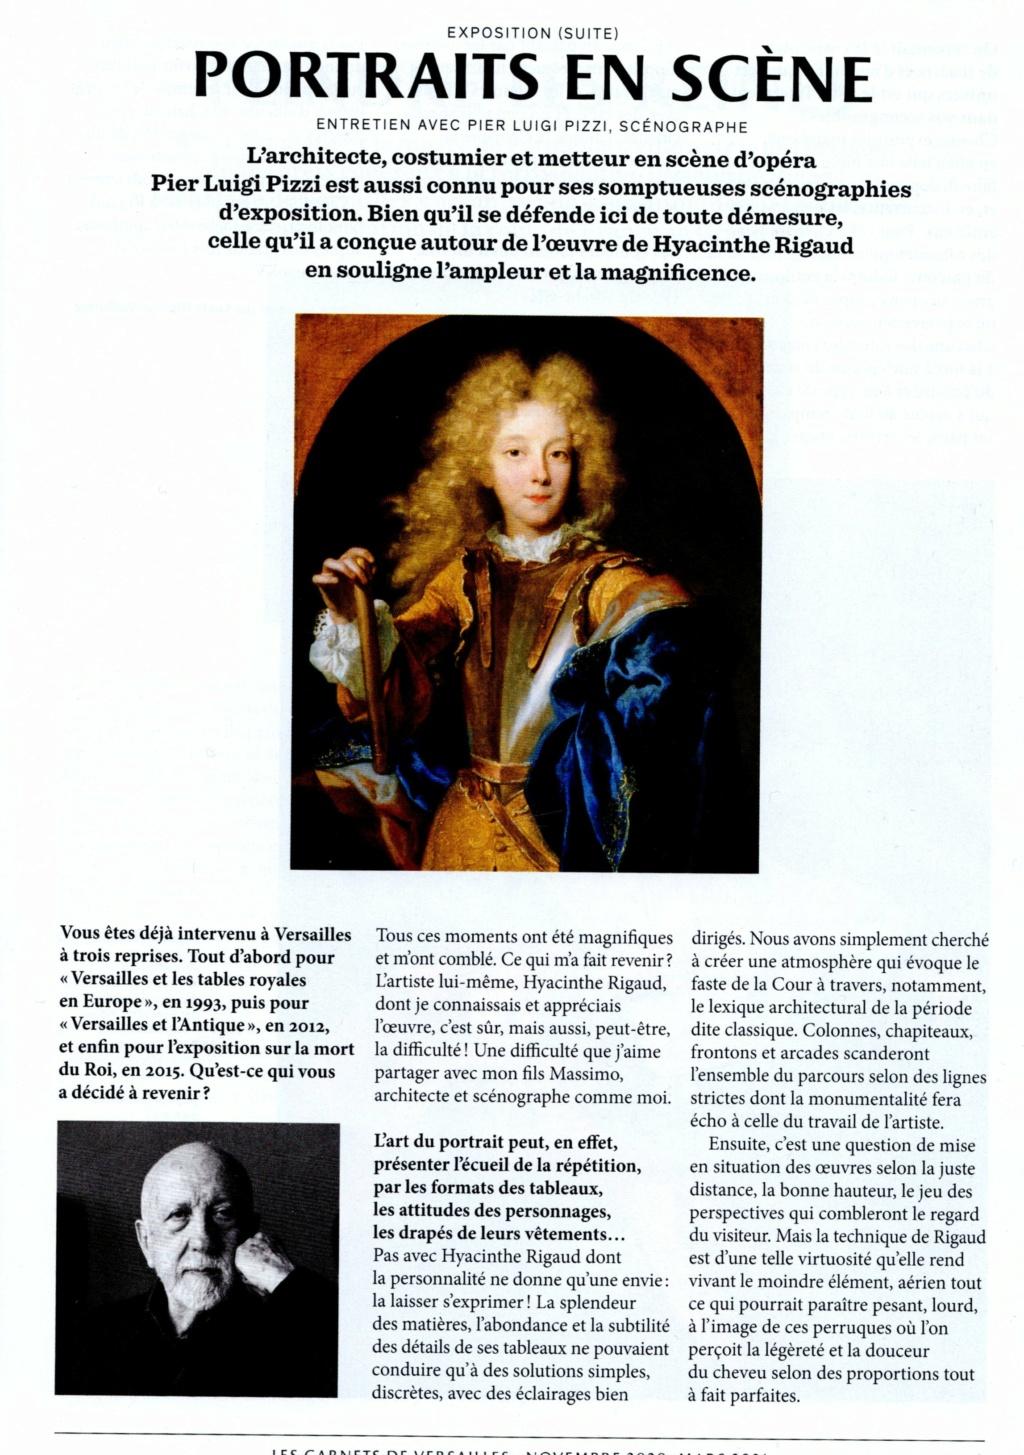 Hyacinthe Rigaud ou le portrait Soleil, expo Versailles 2020 Img20501